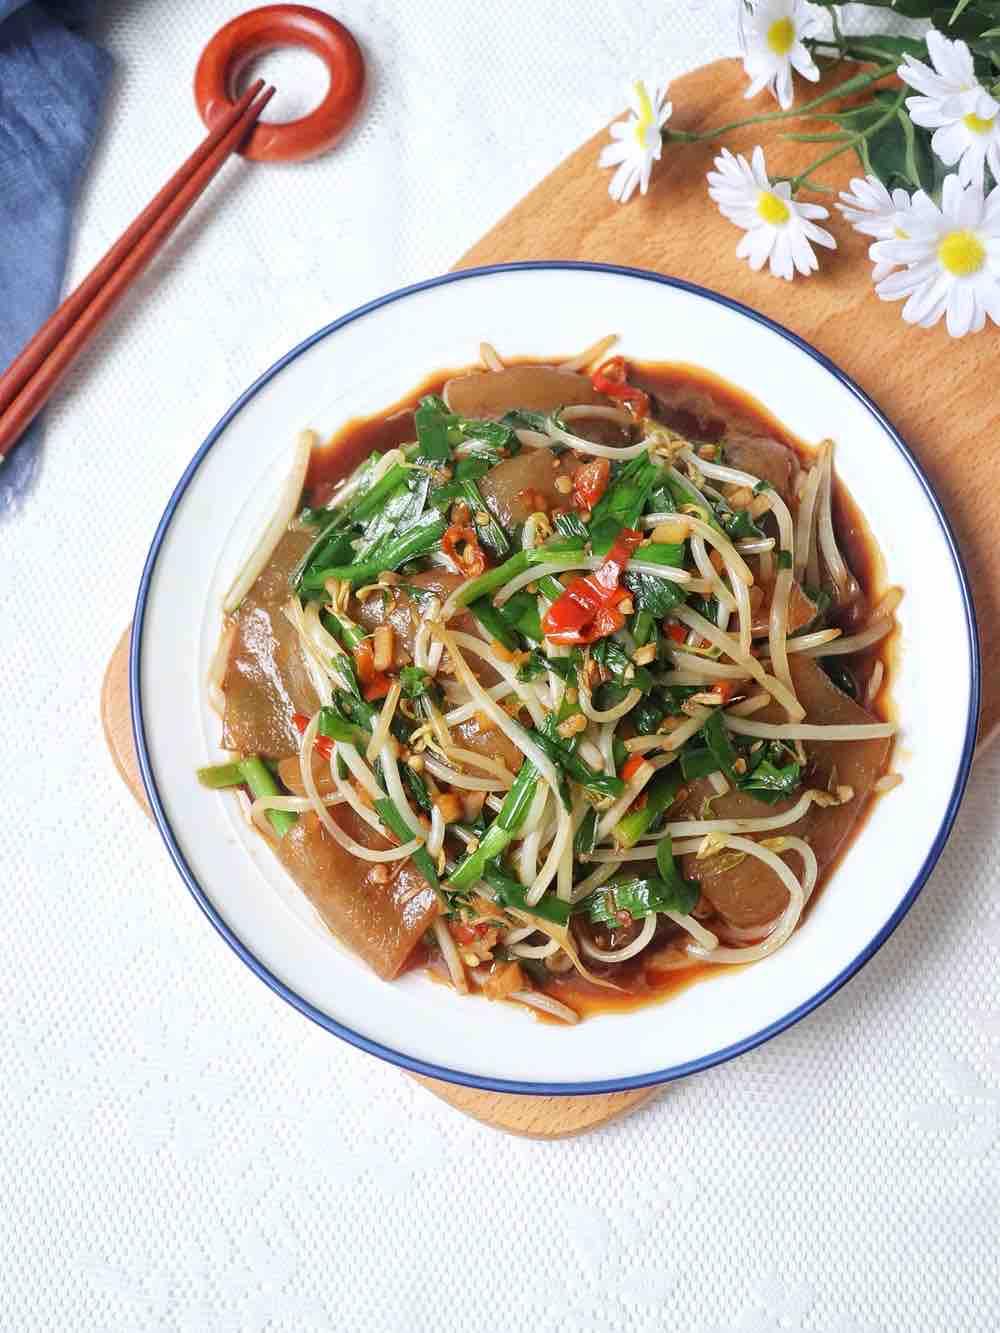 韭菜豆芽炒魔芋豆腐